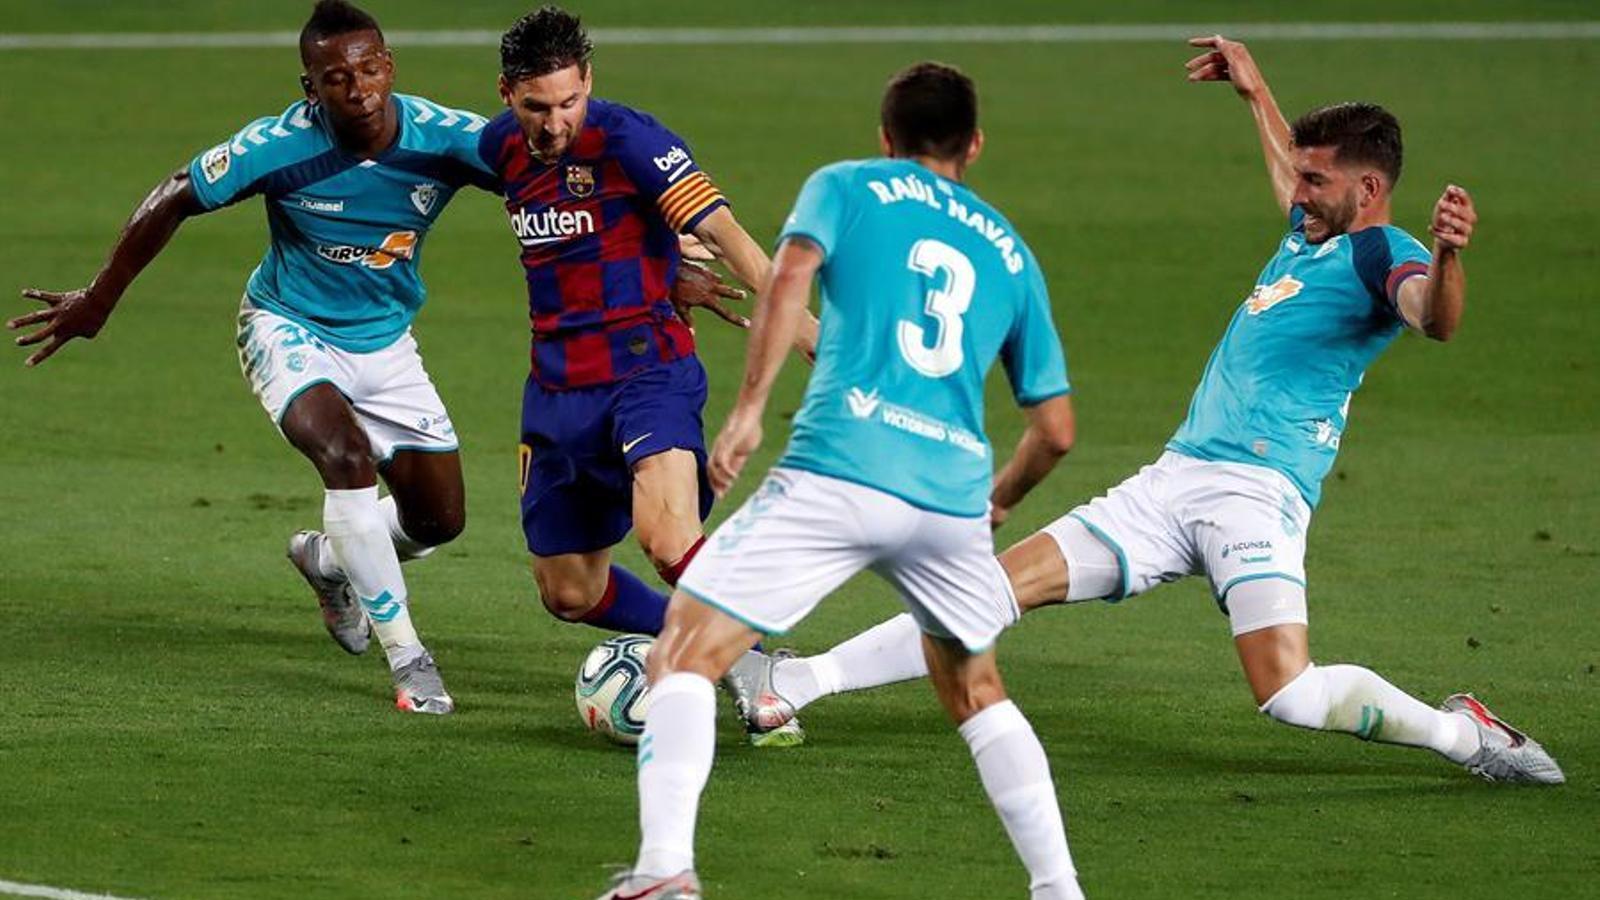 Un Barça sense Lliga, un Barça sense ànima